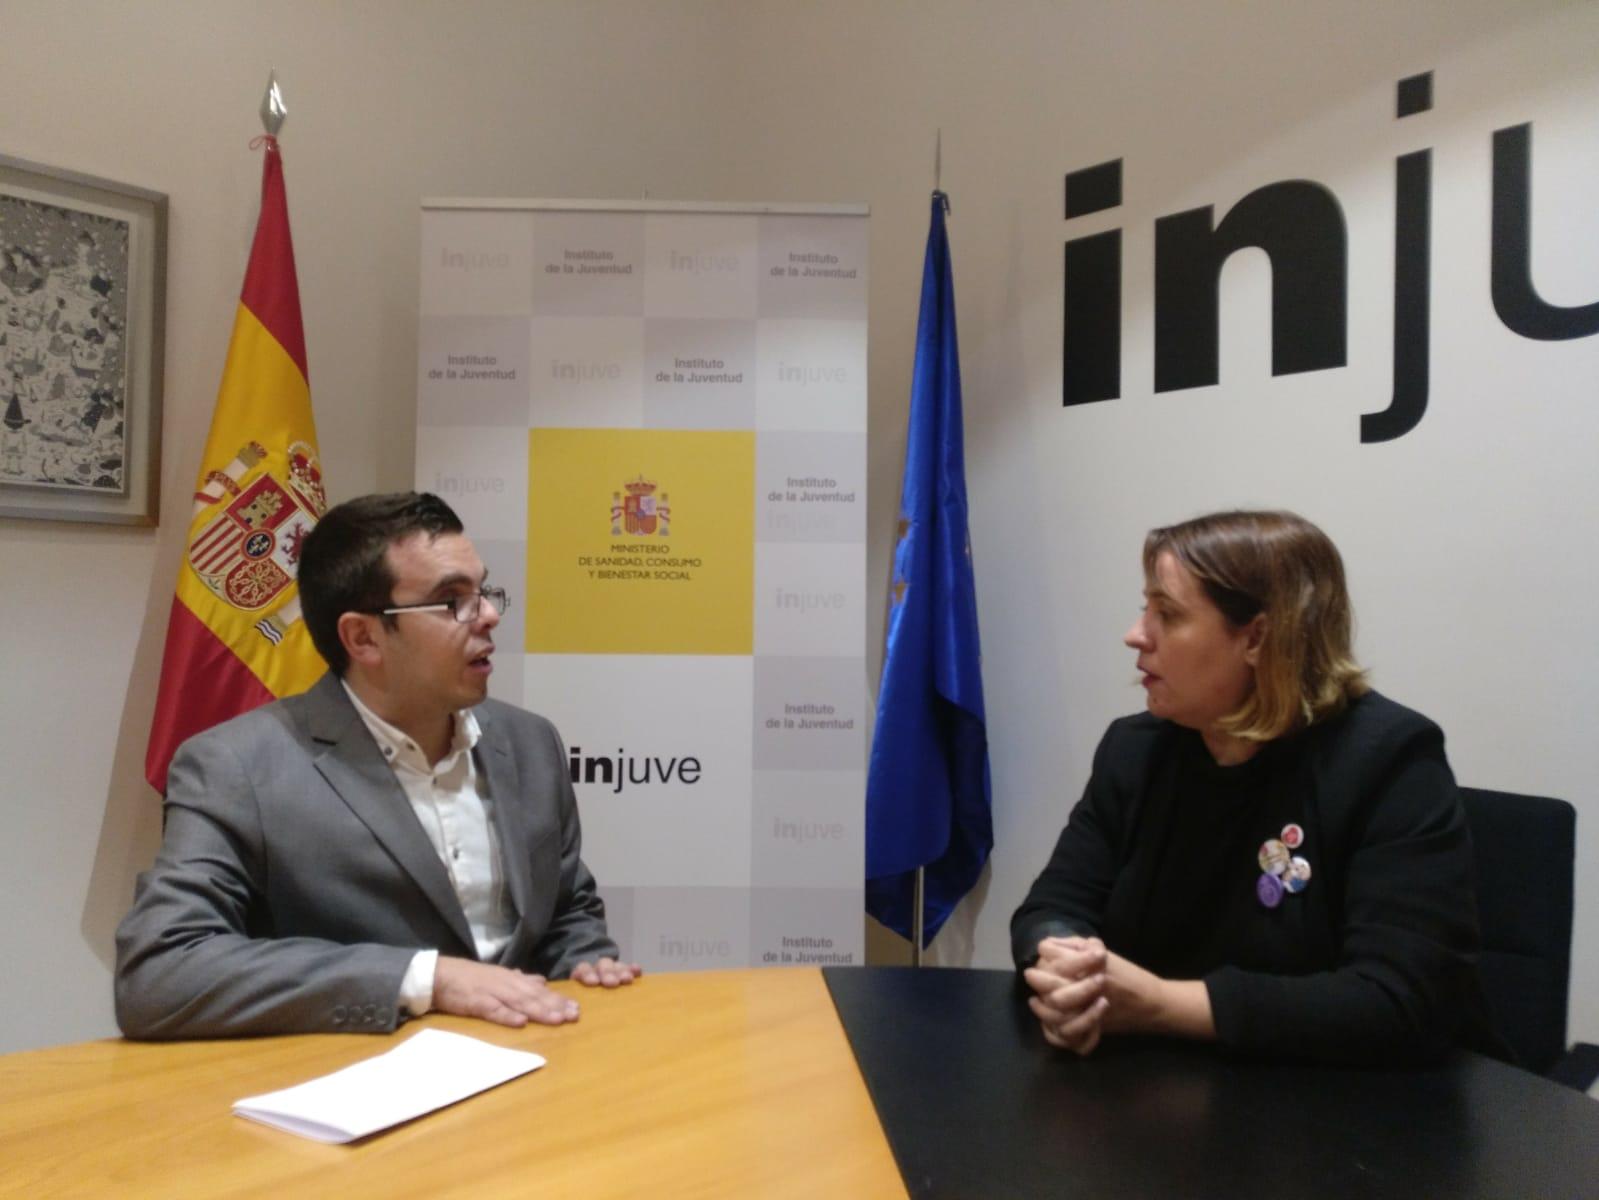 Antonio entrevista a Ruth Carrasco